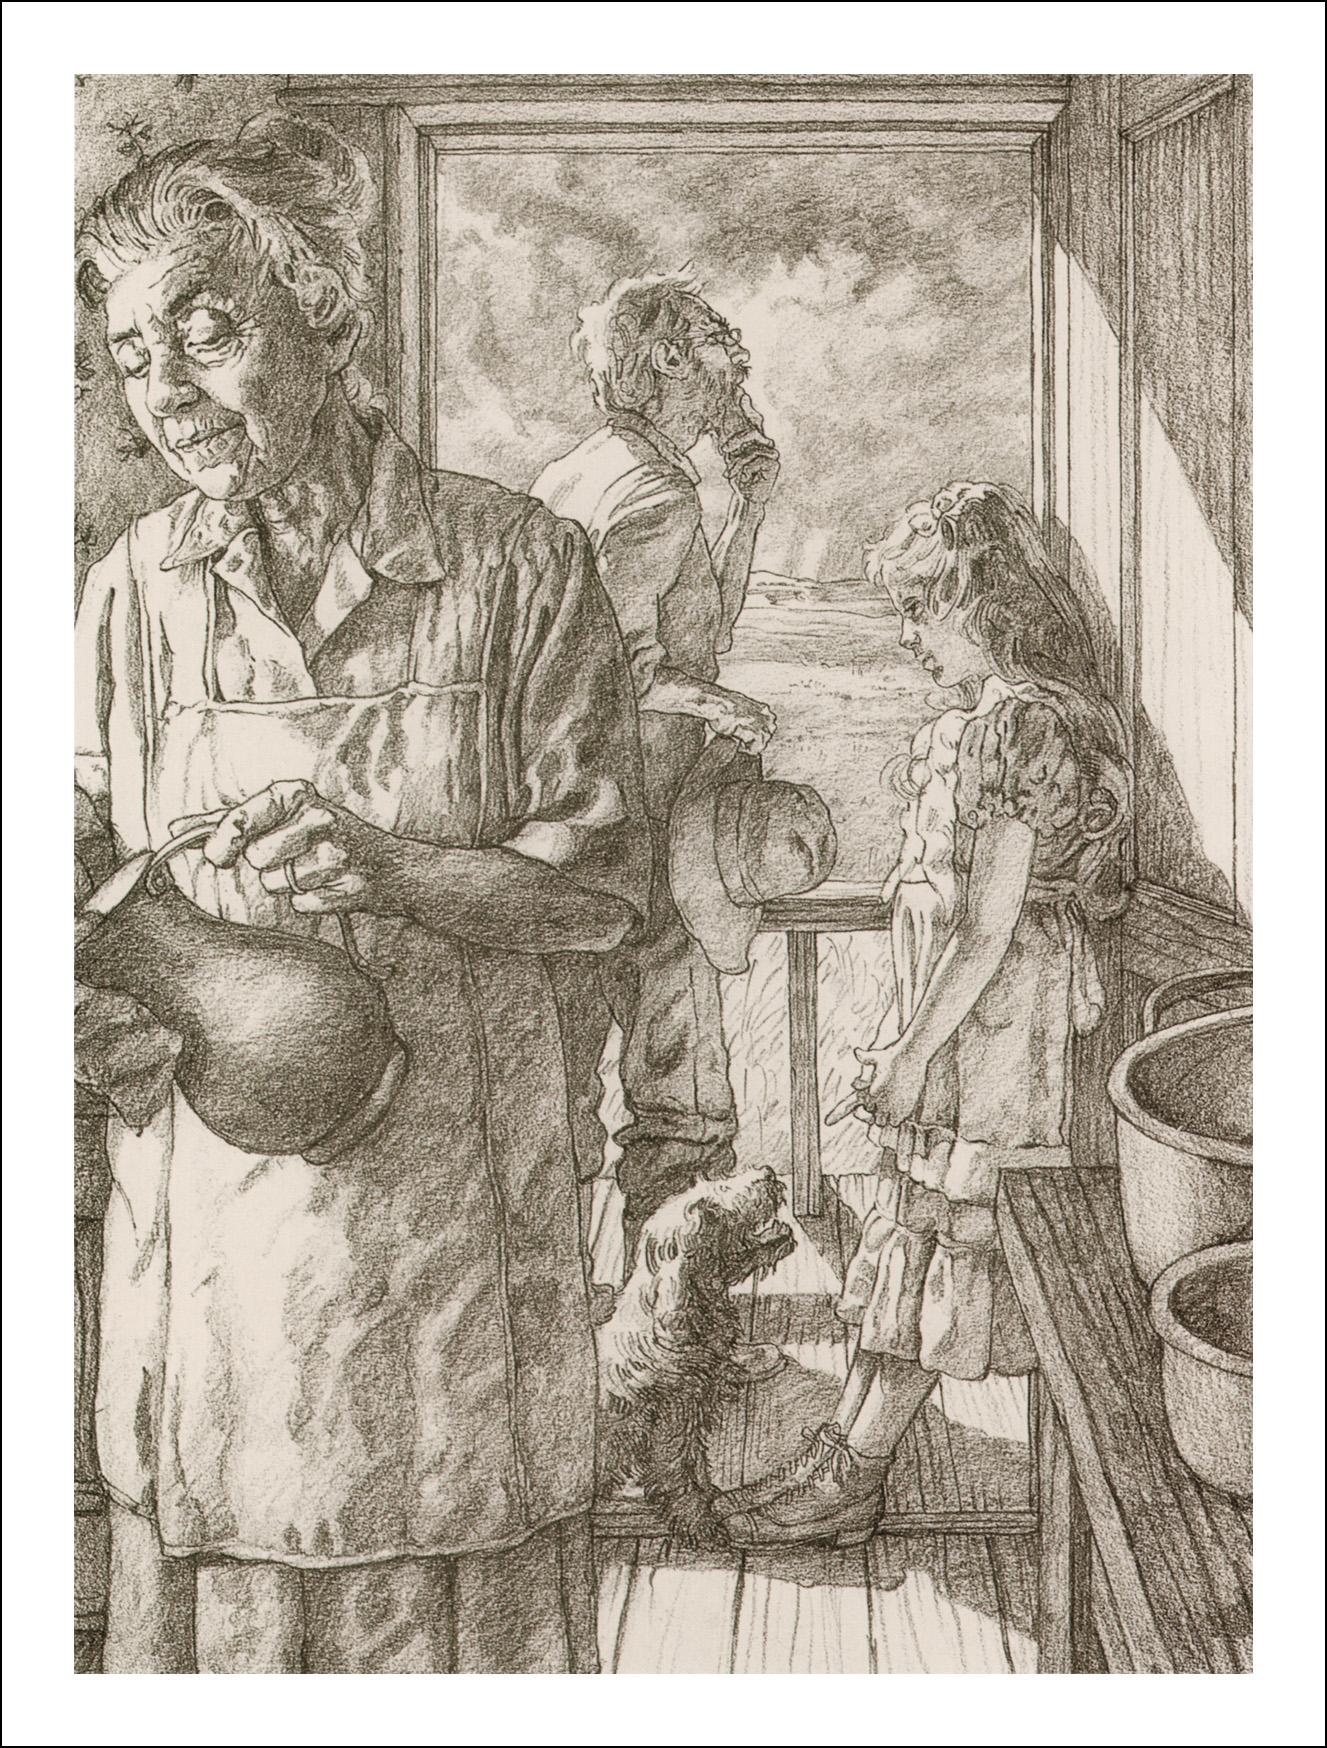 Грег Хильдебрандт, Волшебник страны Оз